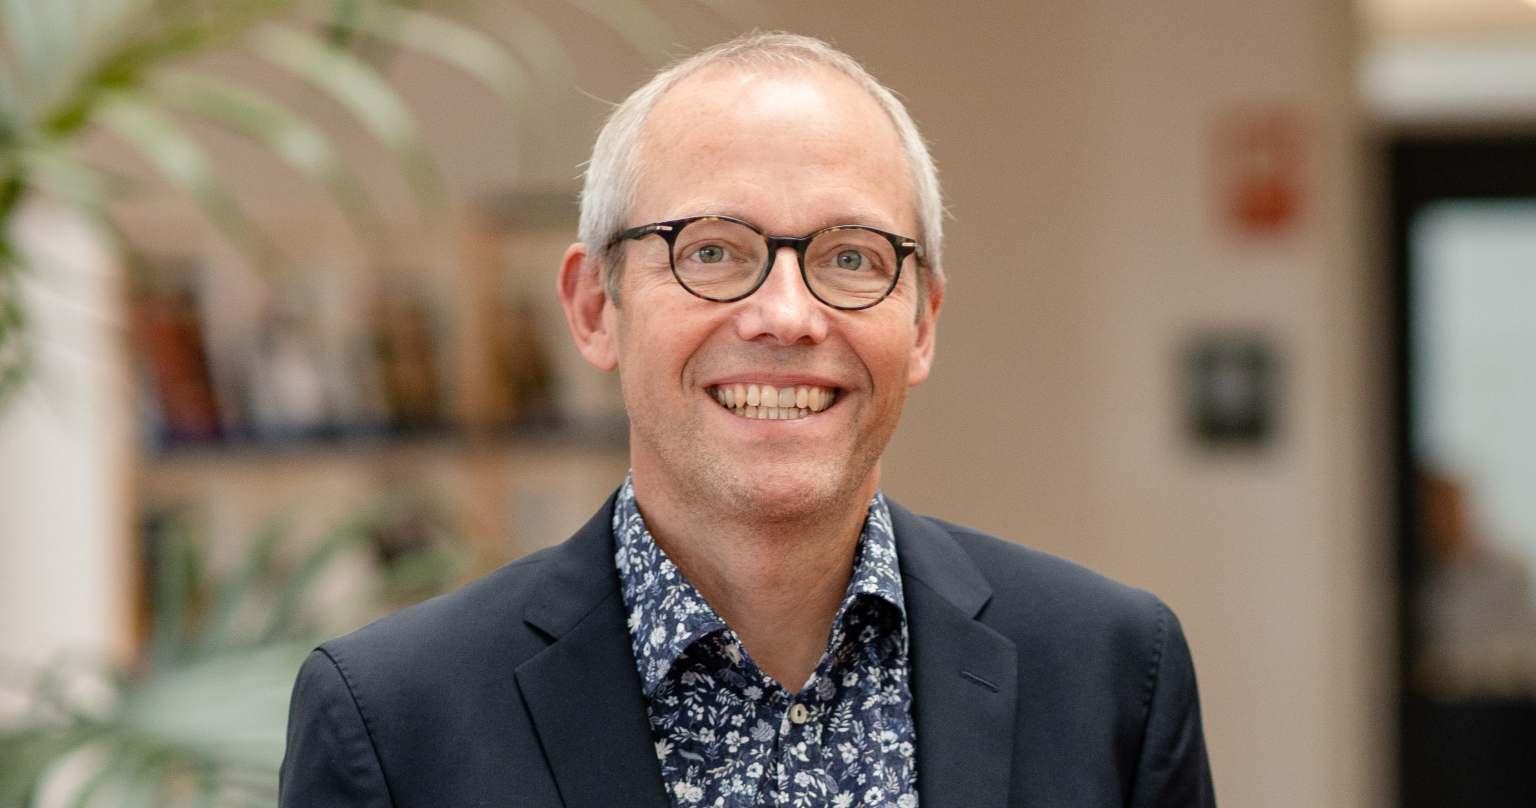 Peter Alnor